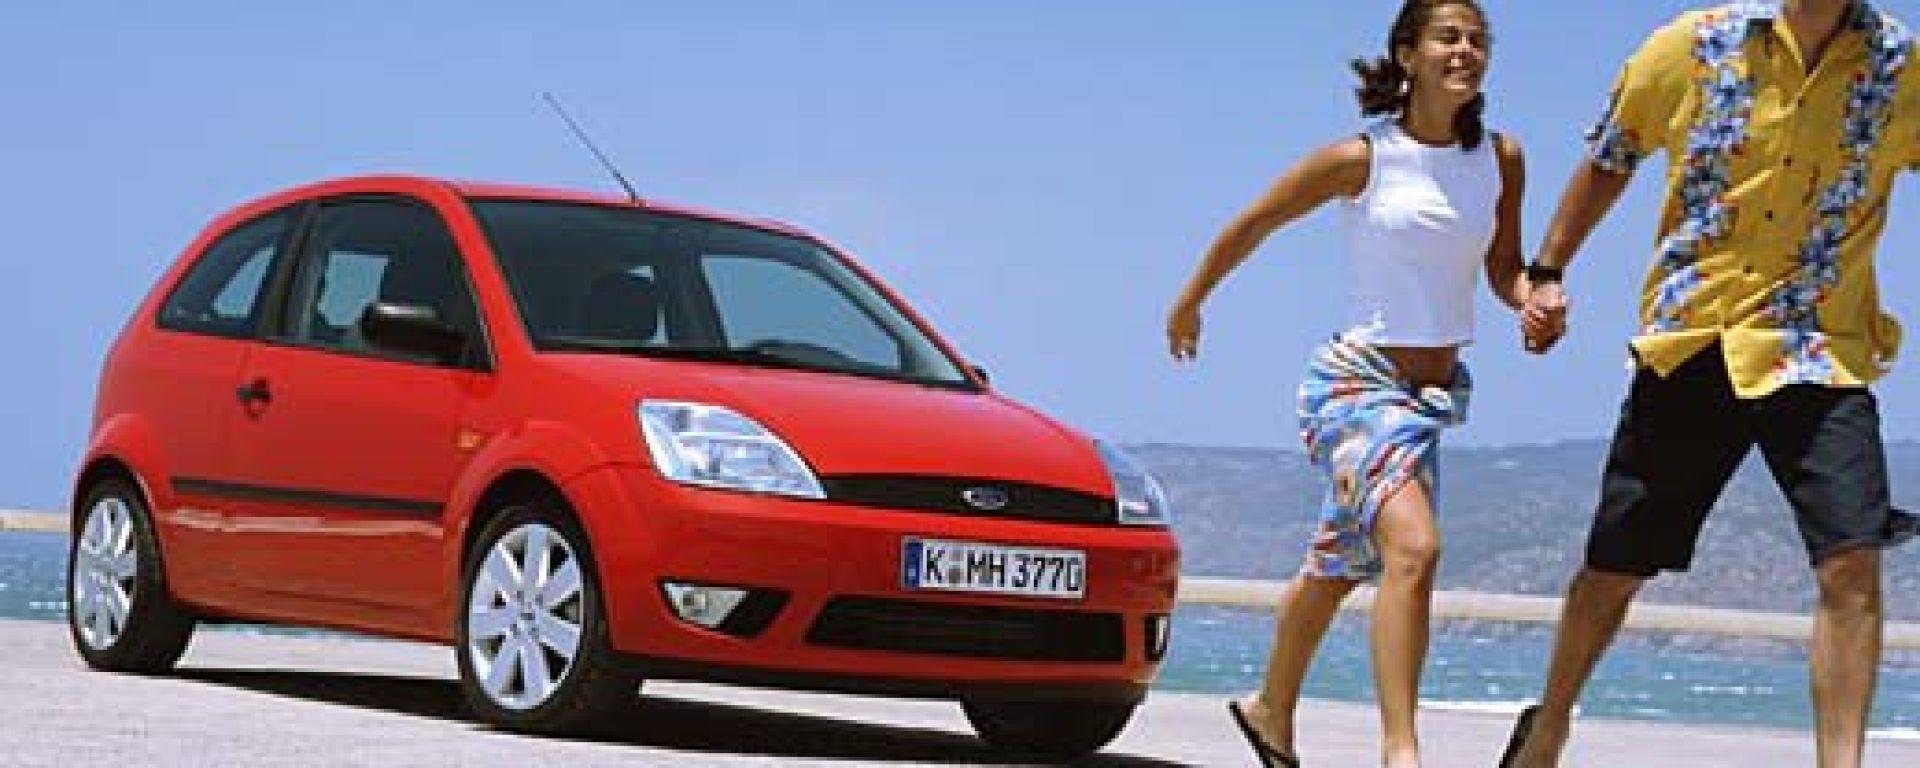 Ford Fiesta 1.4 Durashift Zetec